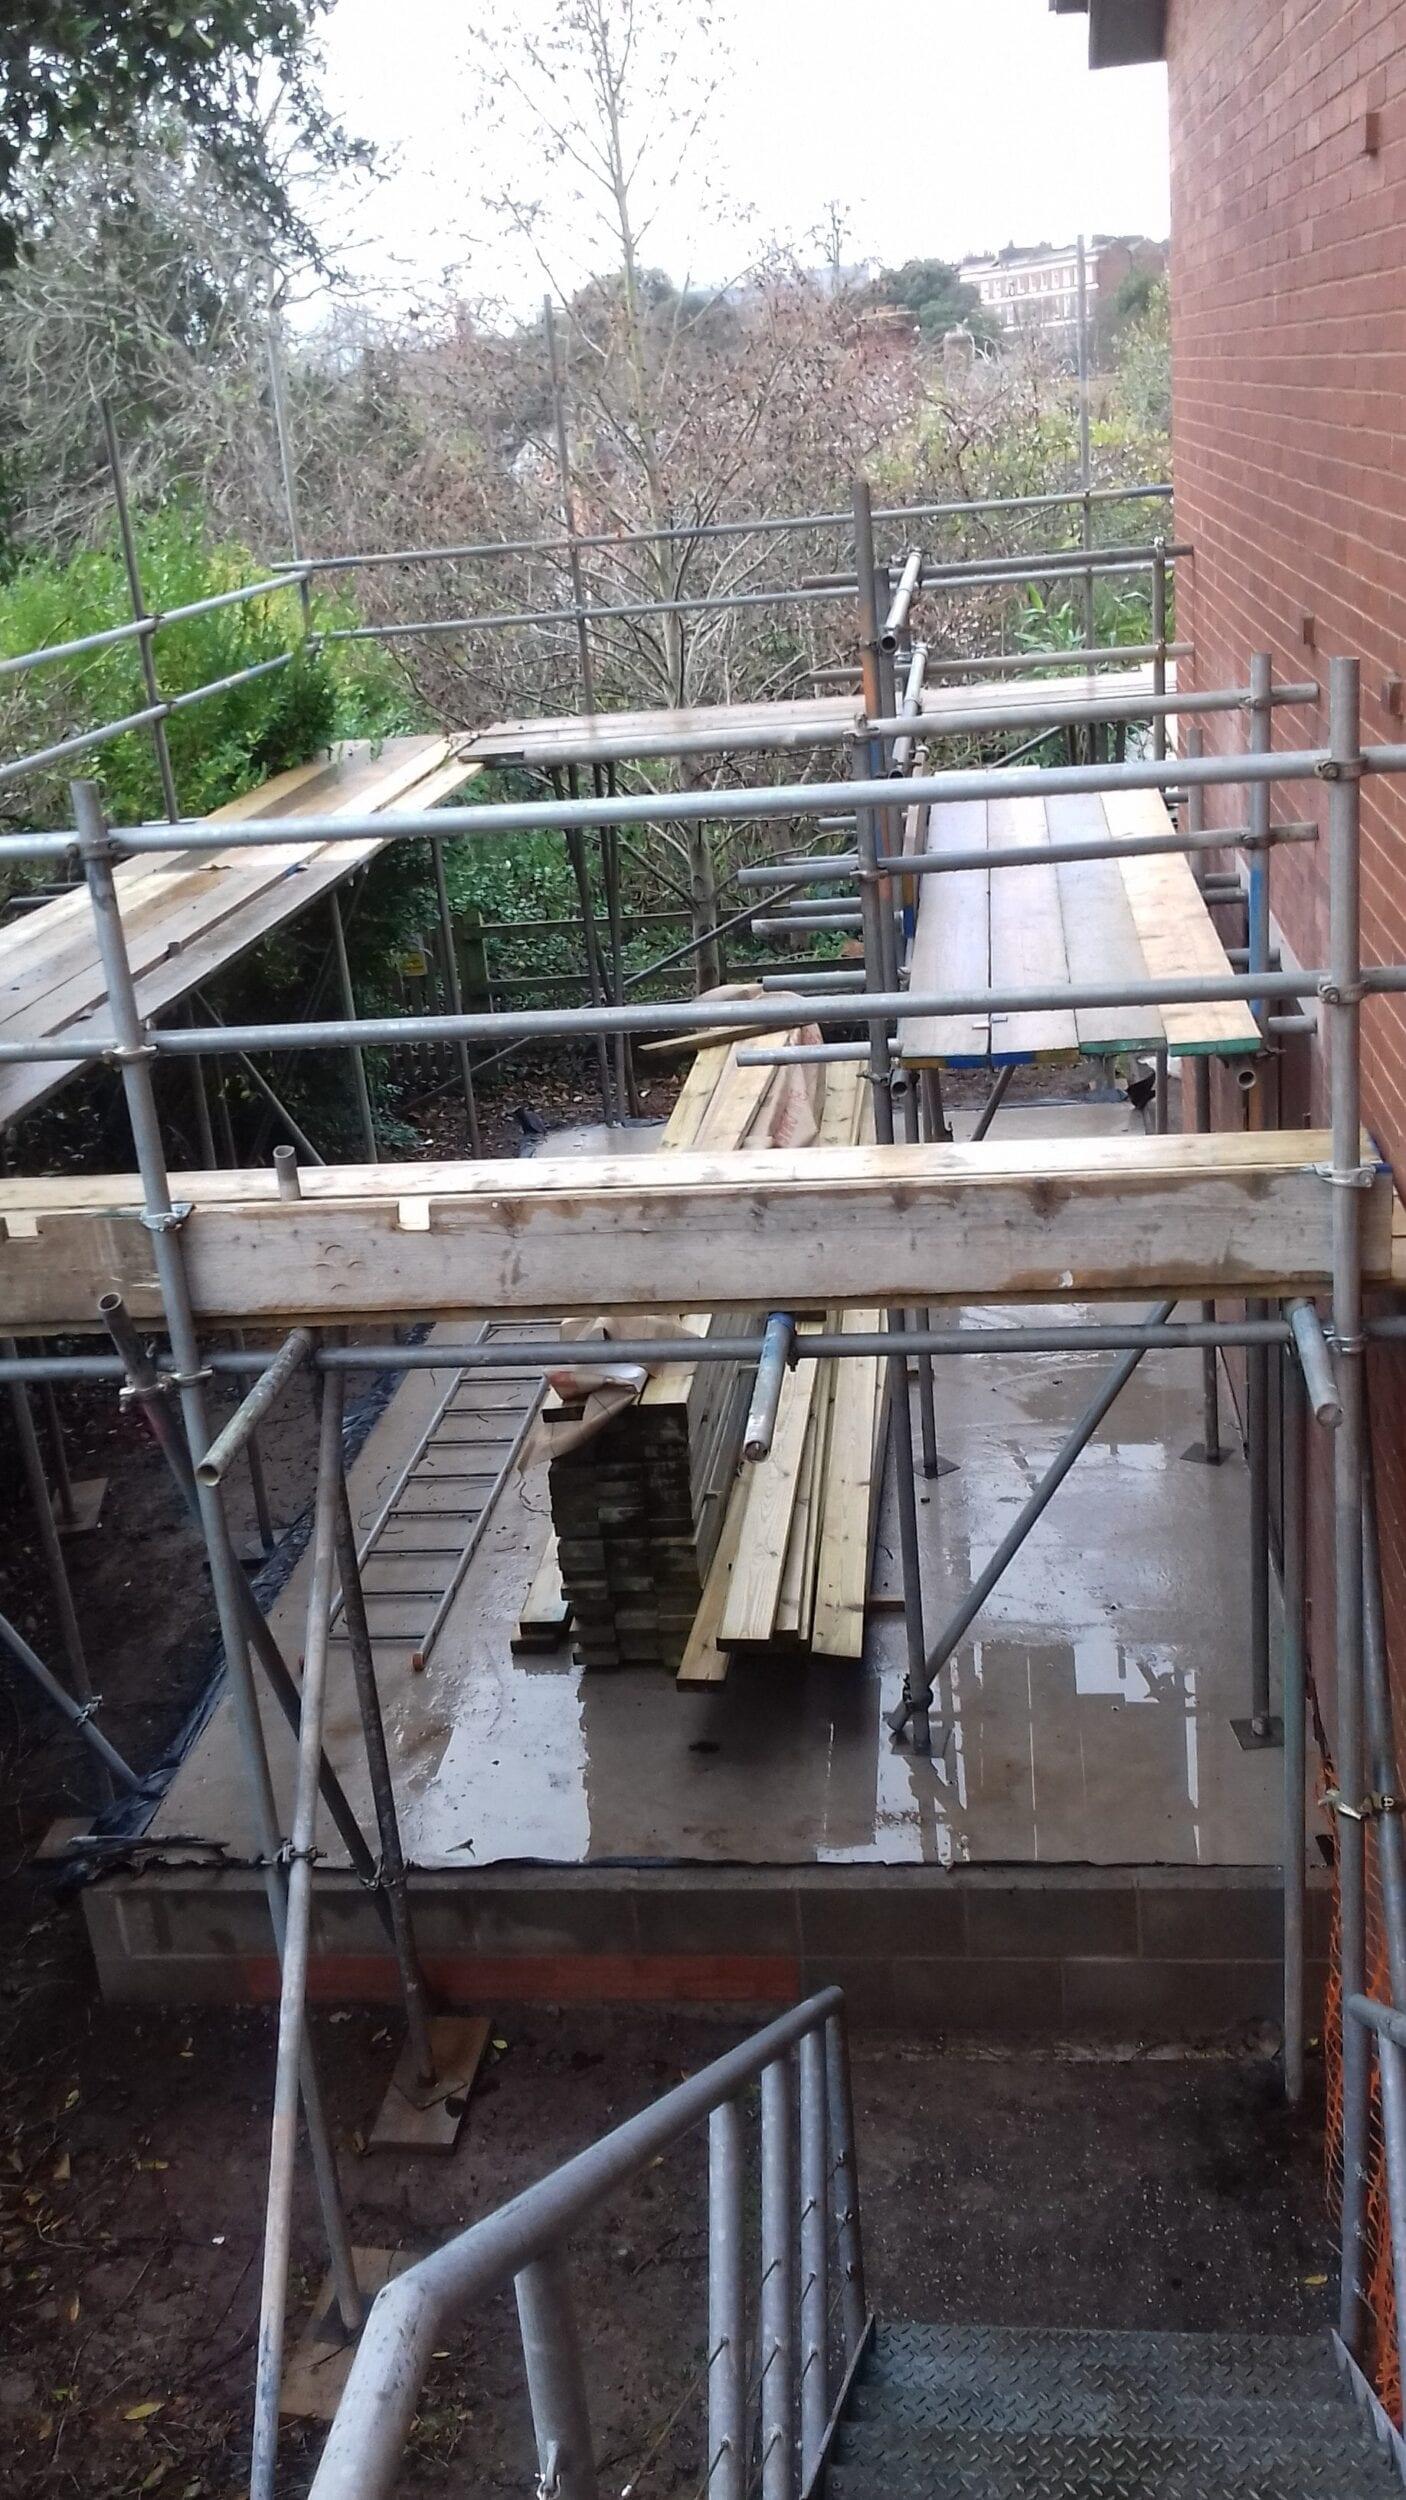 Cowley S Building Maintenance Ltd